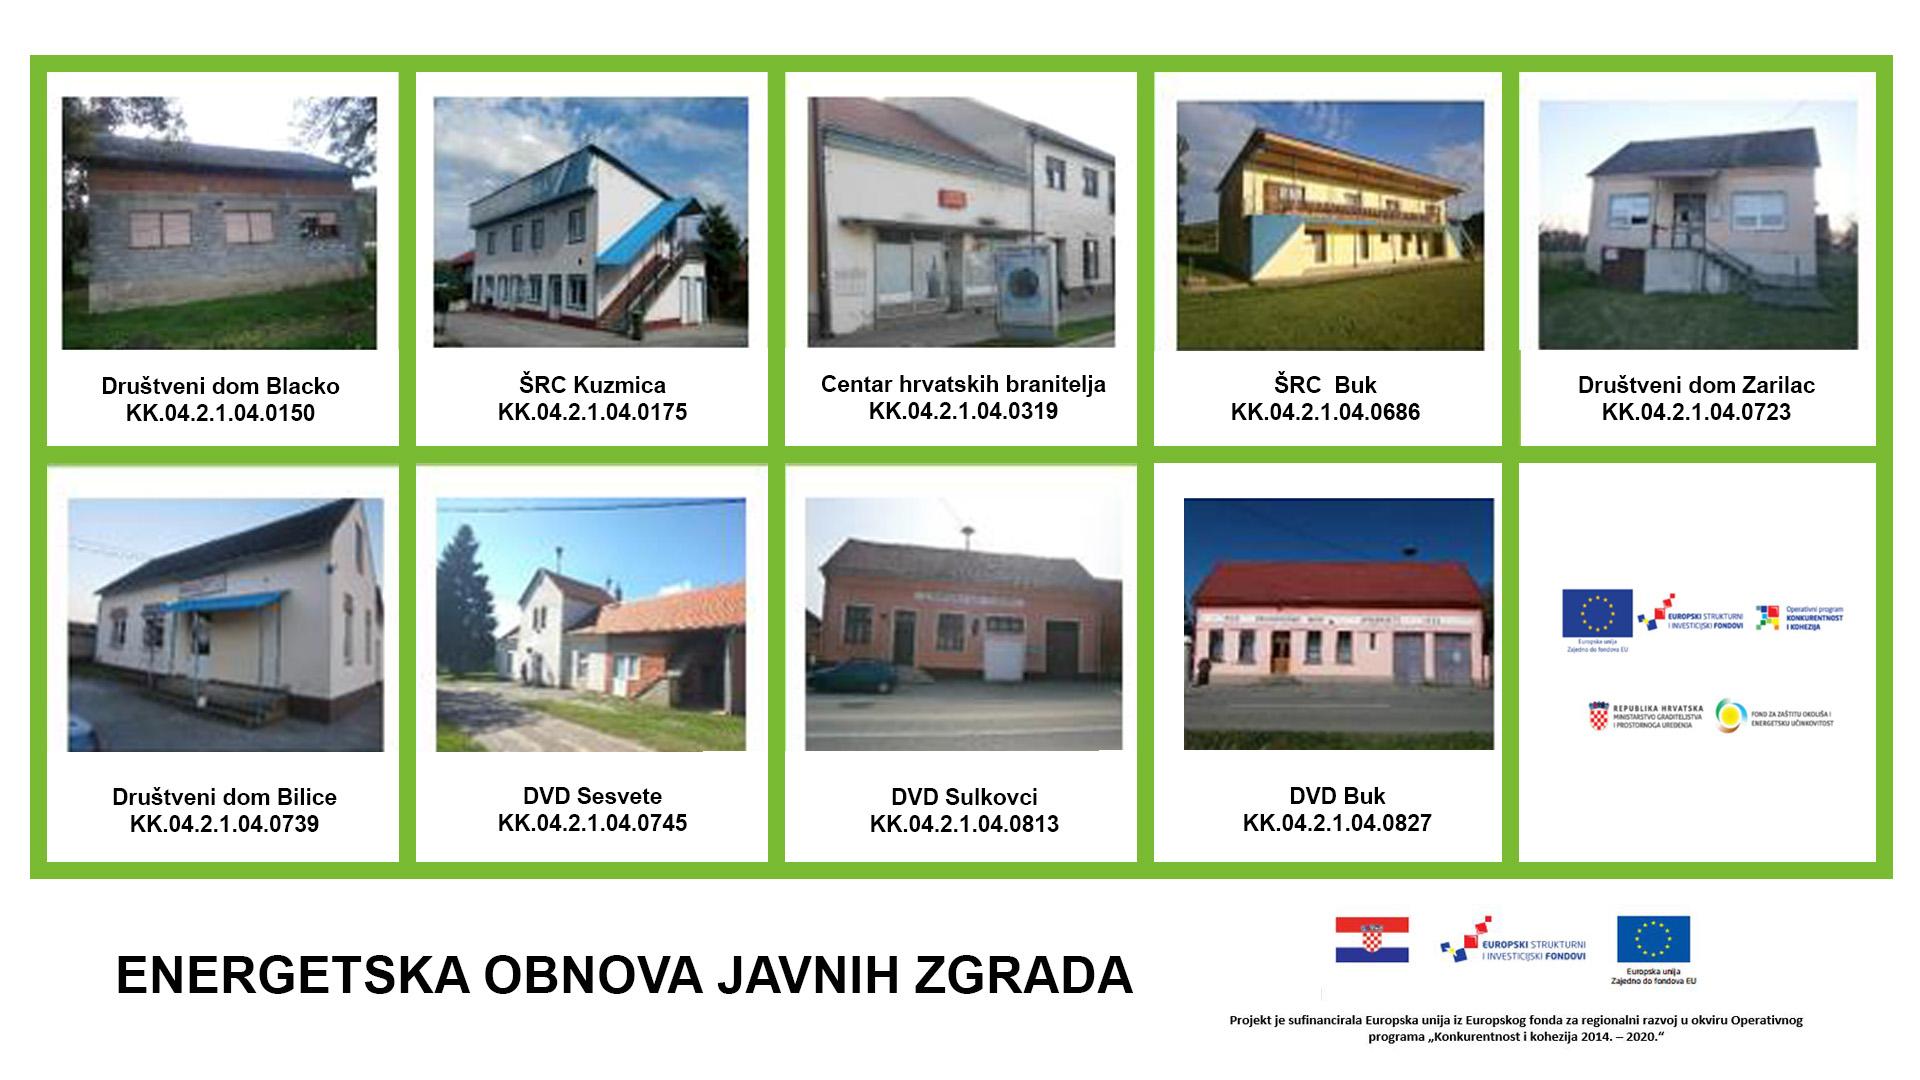 Energetska obnova javnih zgrada